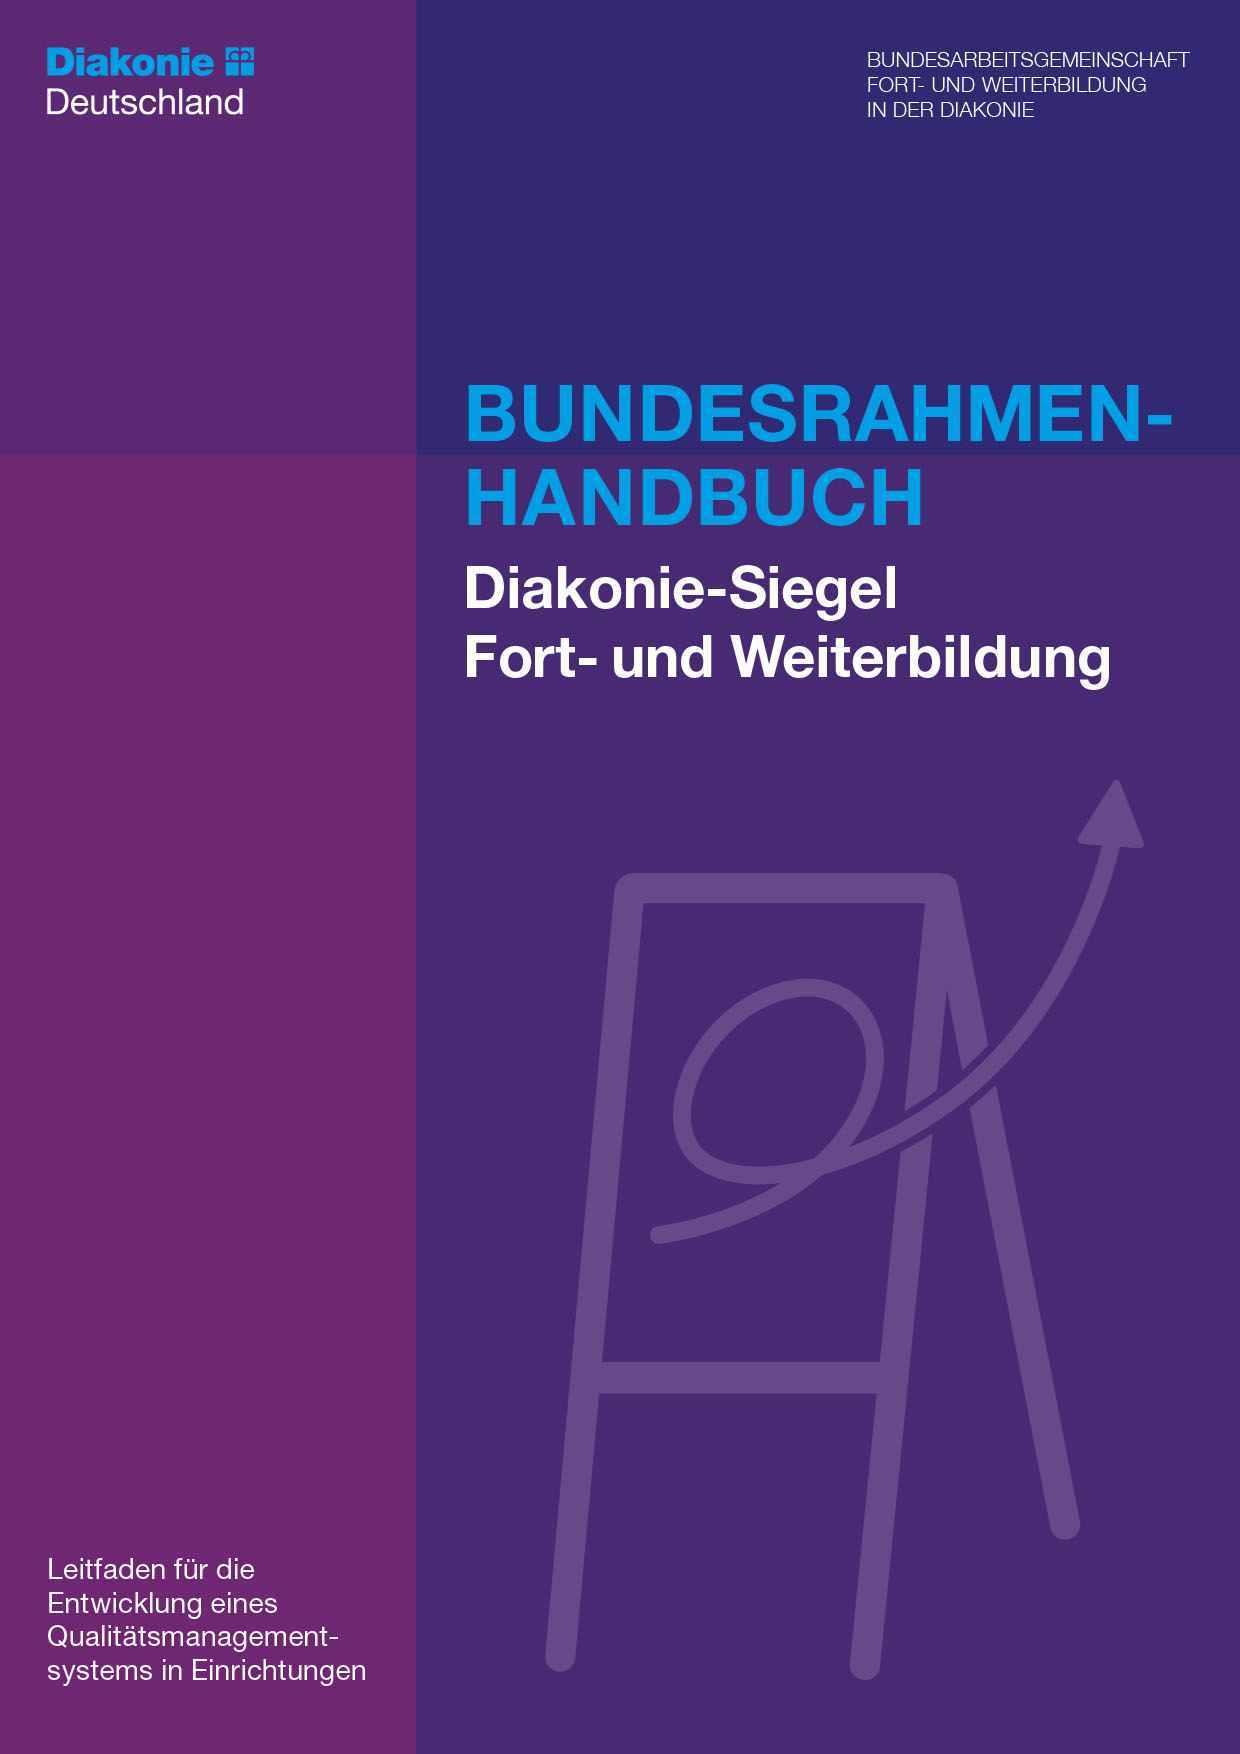 Bundesrahmenhandbuch Diakonie-Siegel Fort- und Weiterbildung